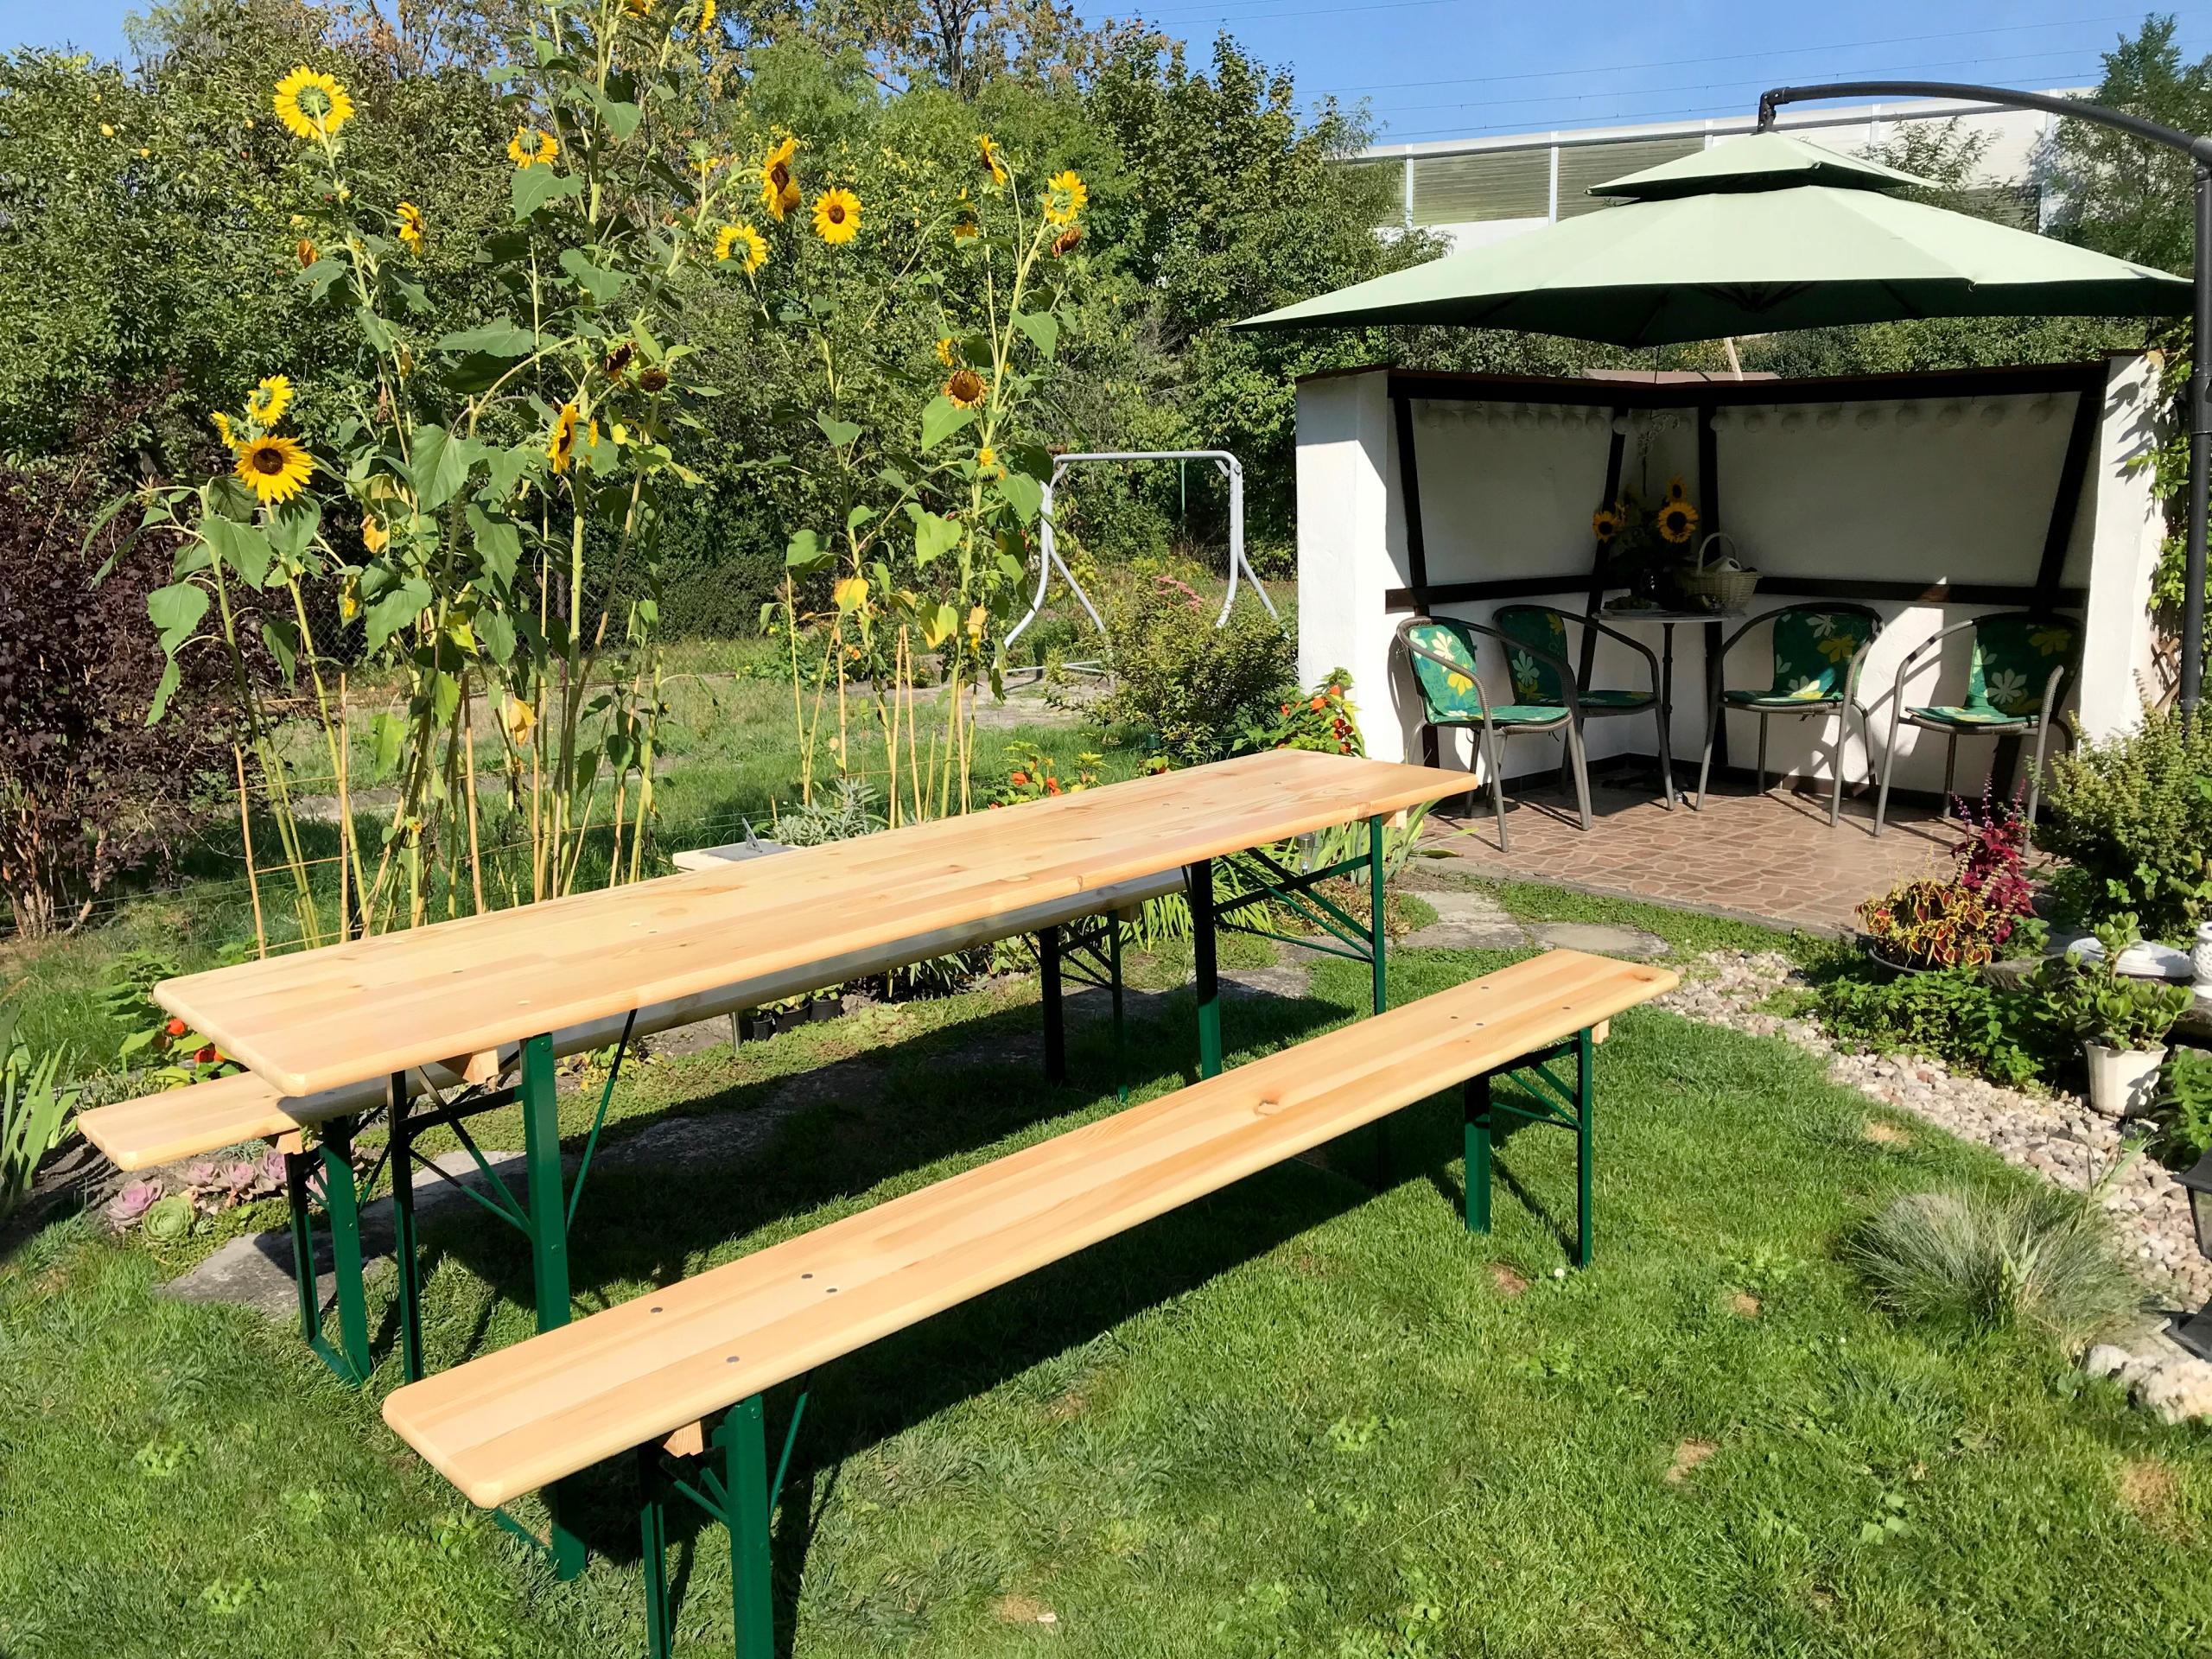 lavičky, hodové lavičky záhradná lavička Hmotnosť produktu s jednotlivým balením 15 kg